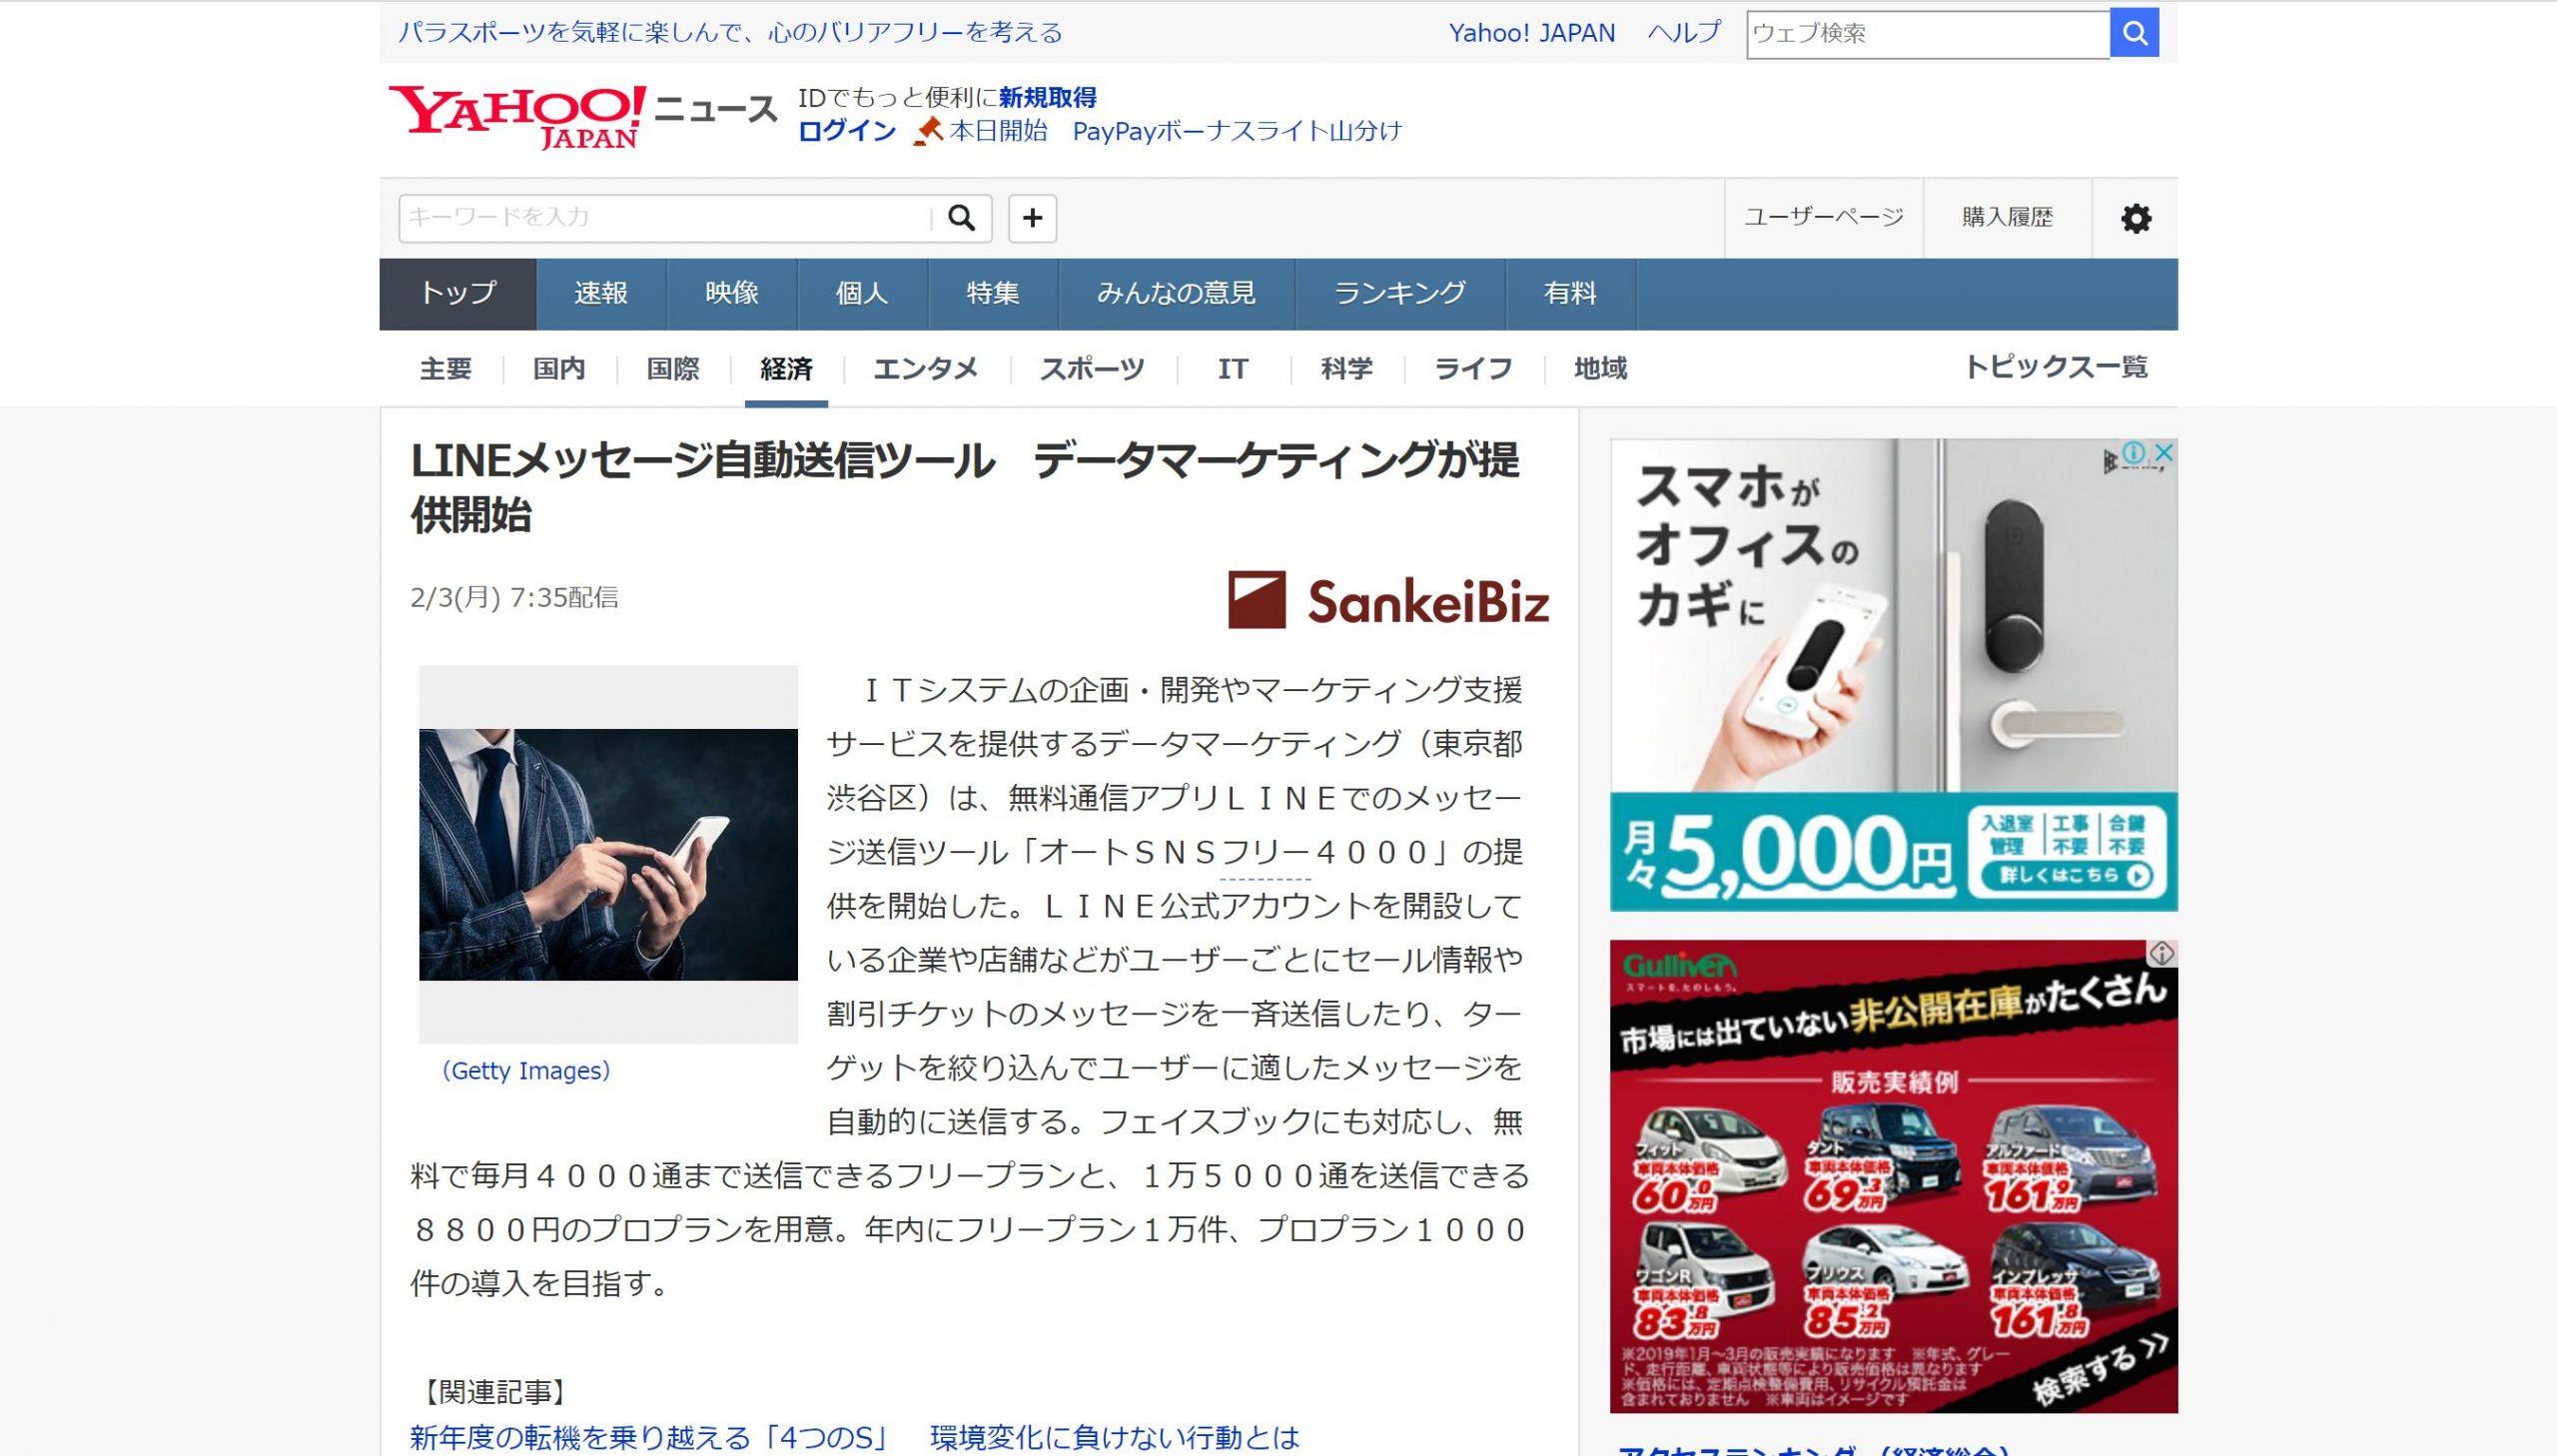 プロラインフリーが「Yahoo!ニュース」に採り上げられる